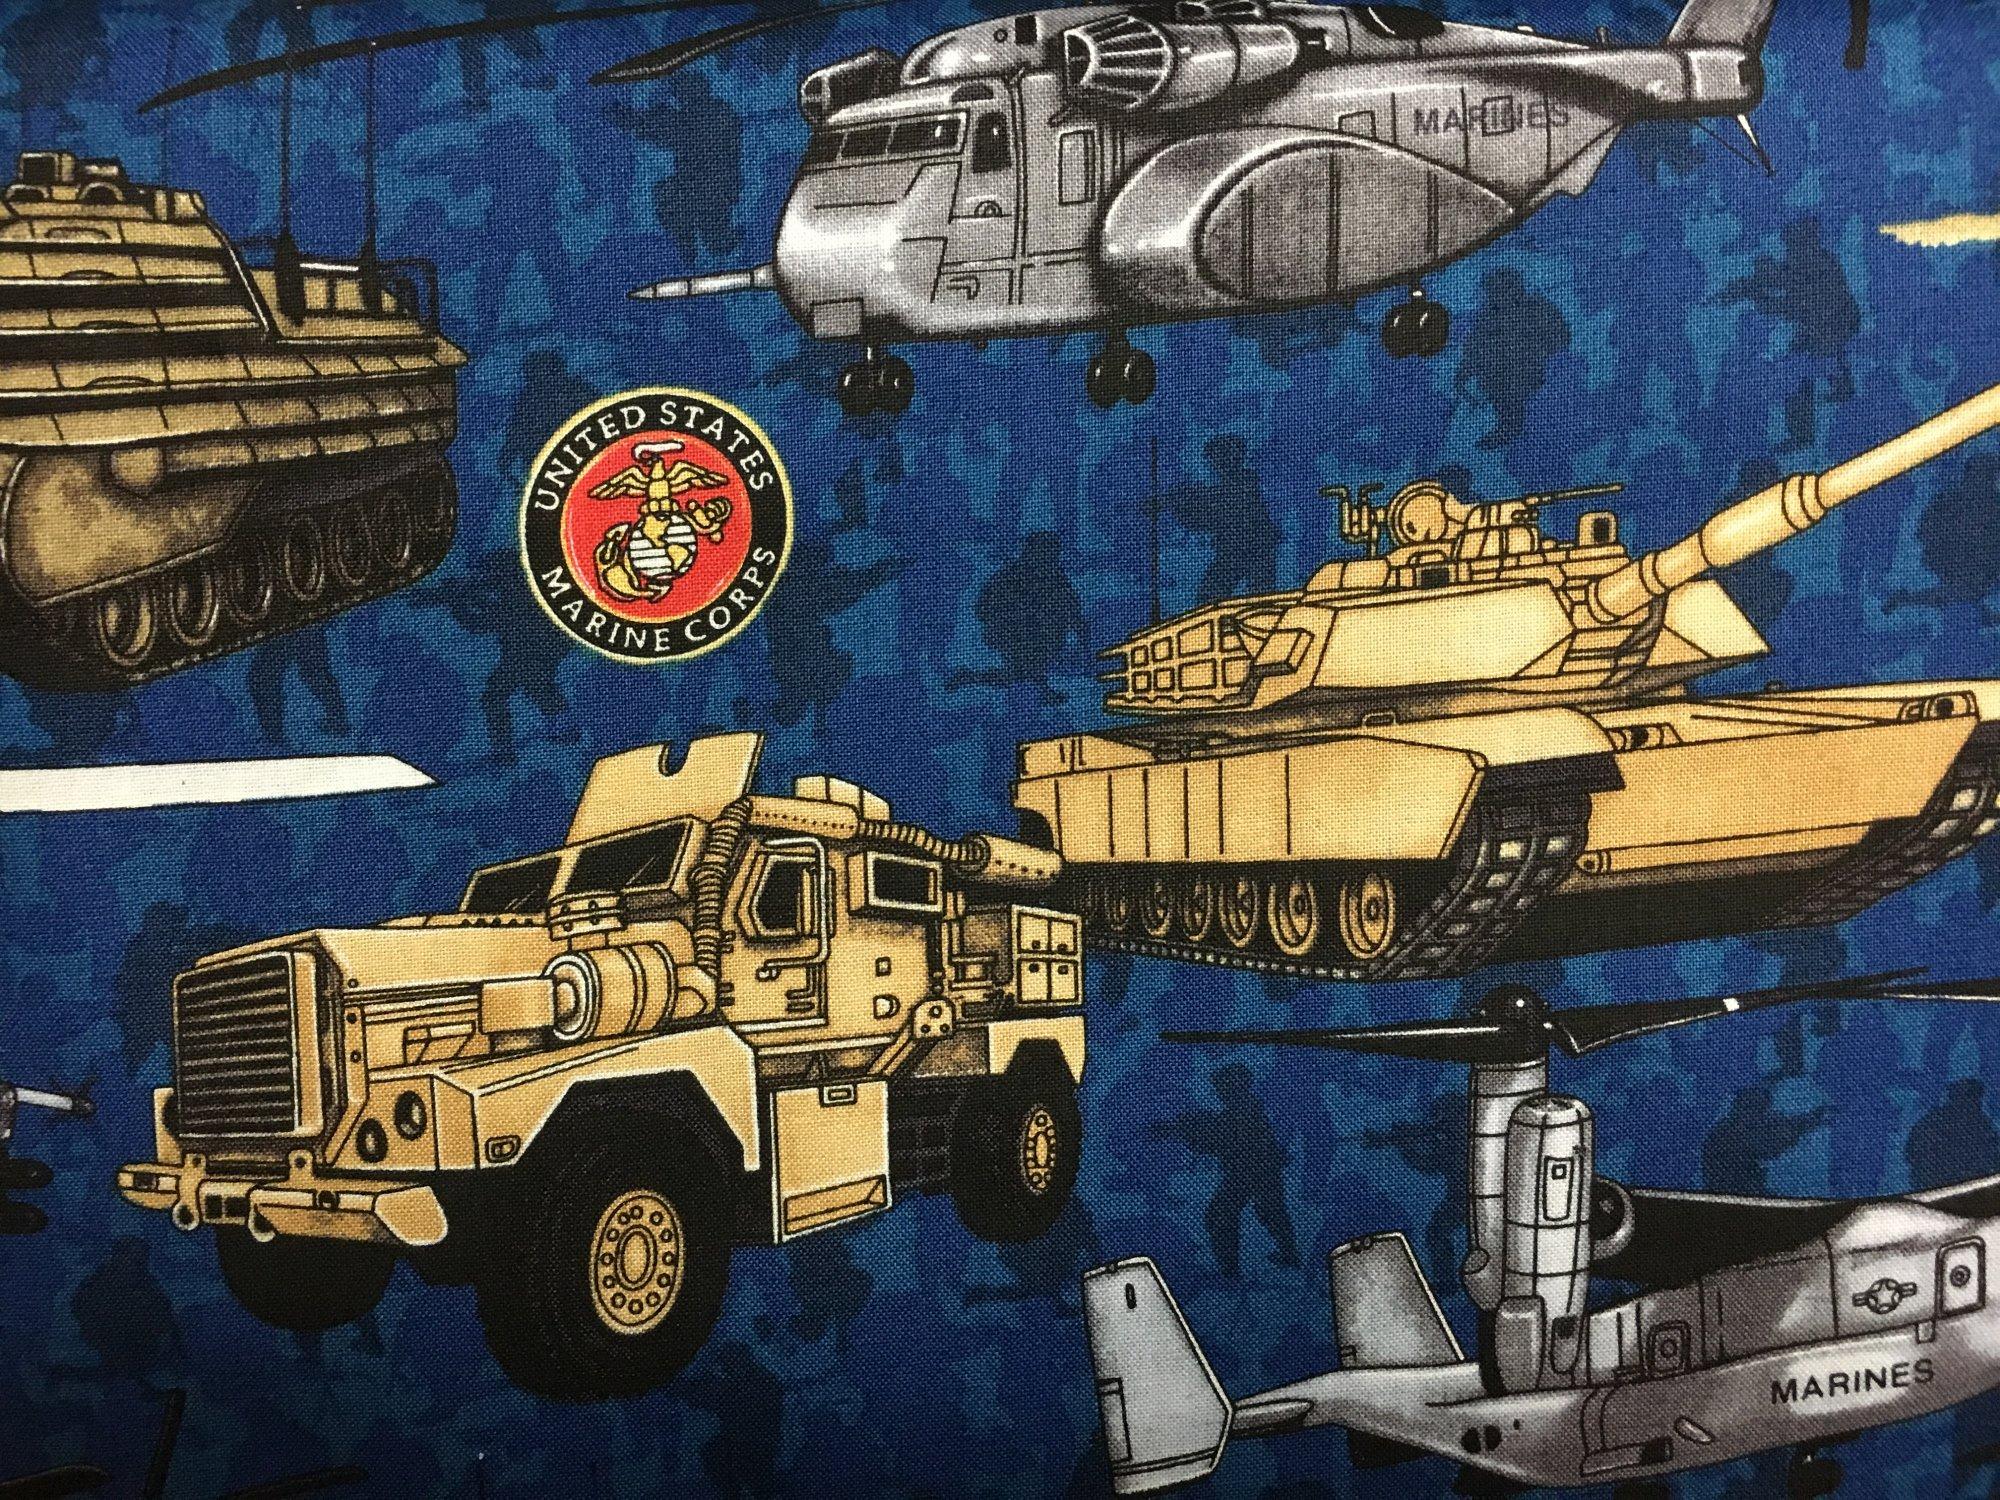 RJR; Dan Morris; Military Salute; Marine Corps